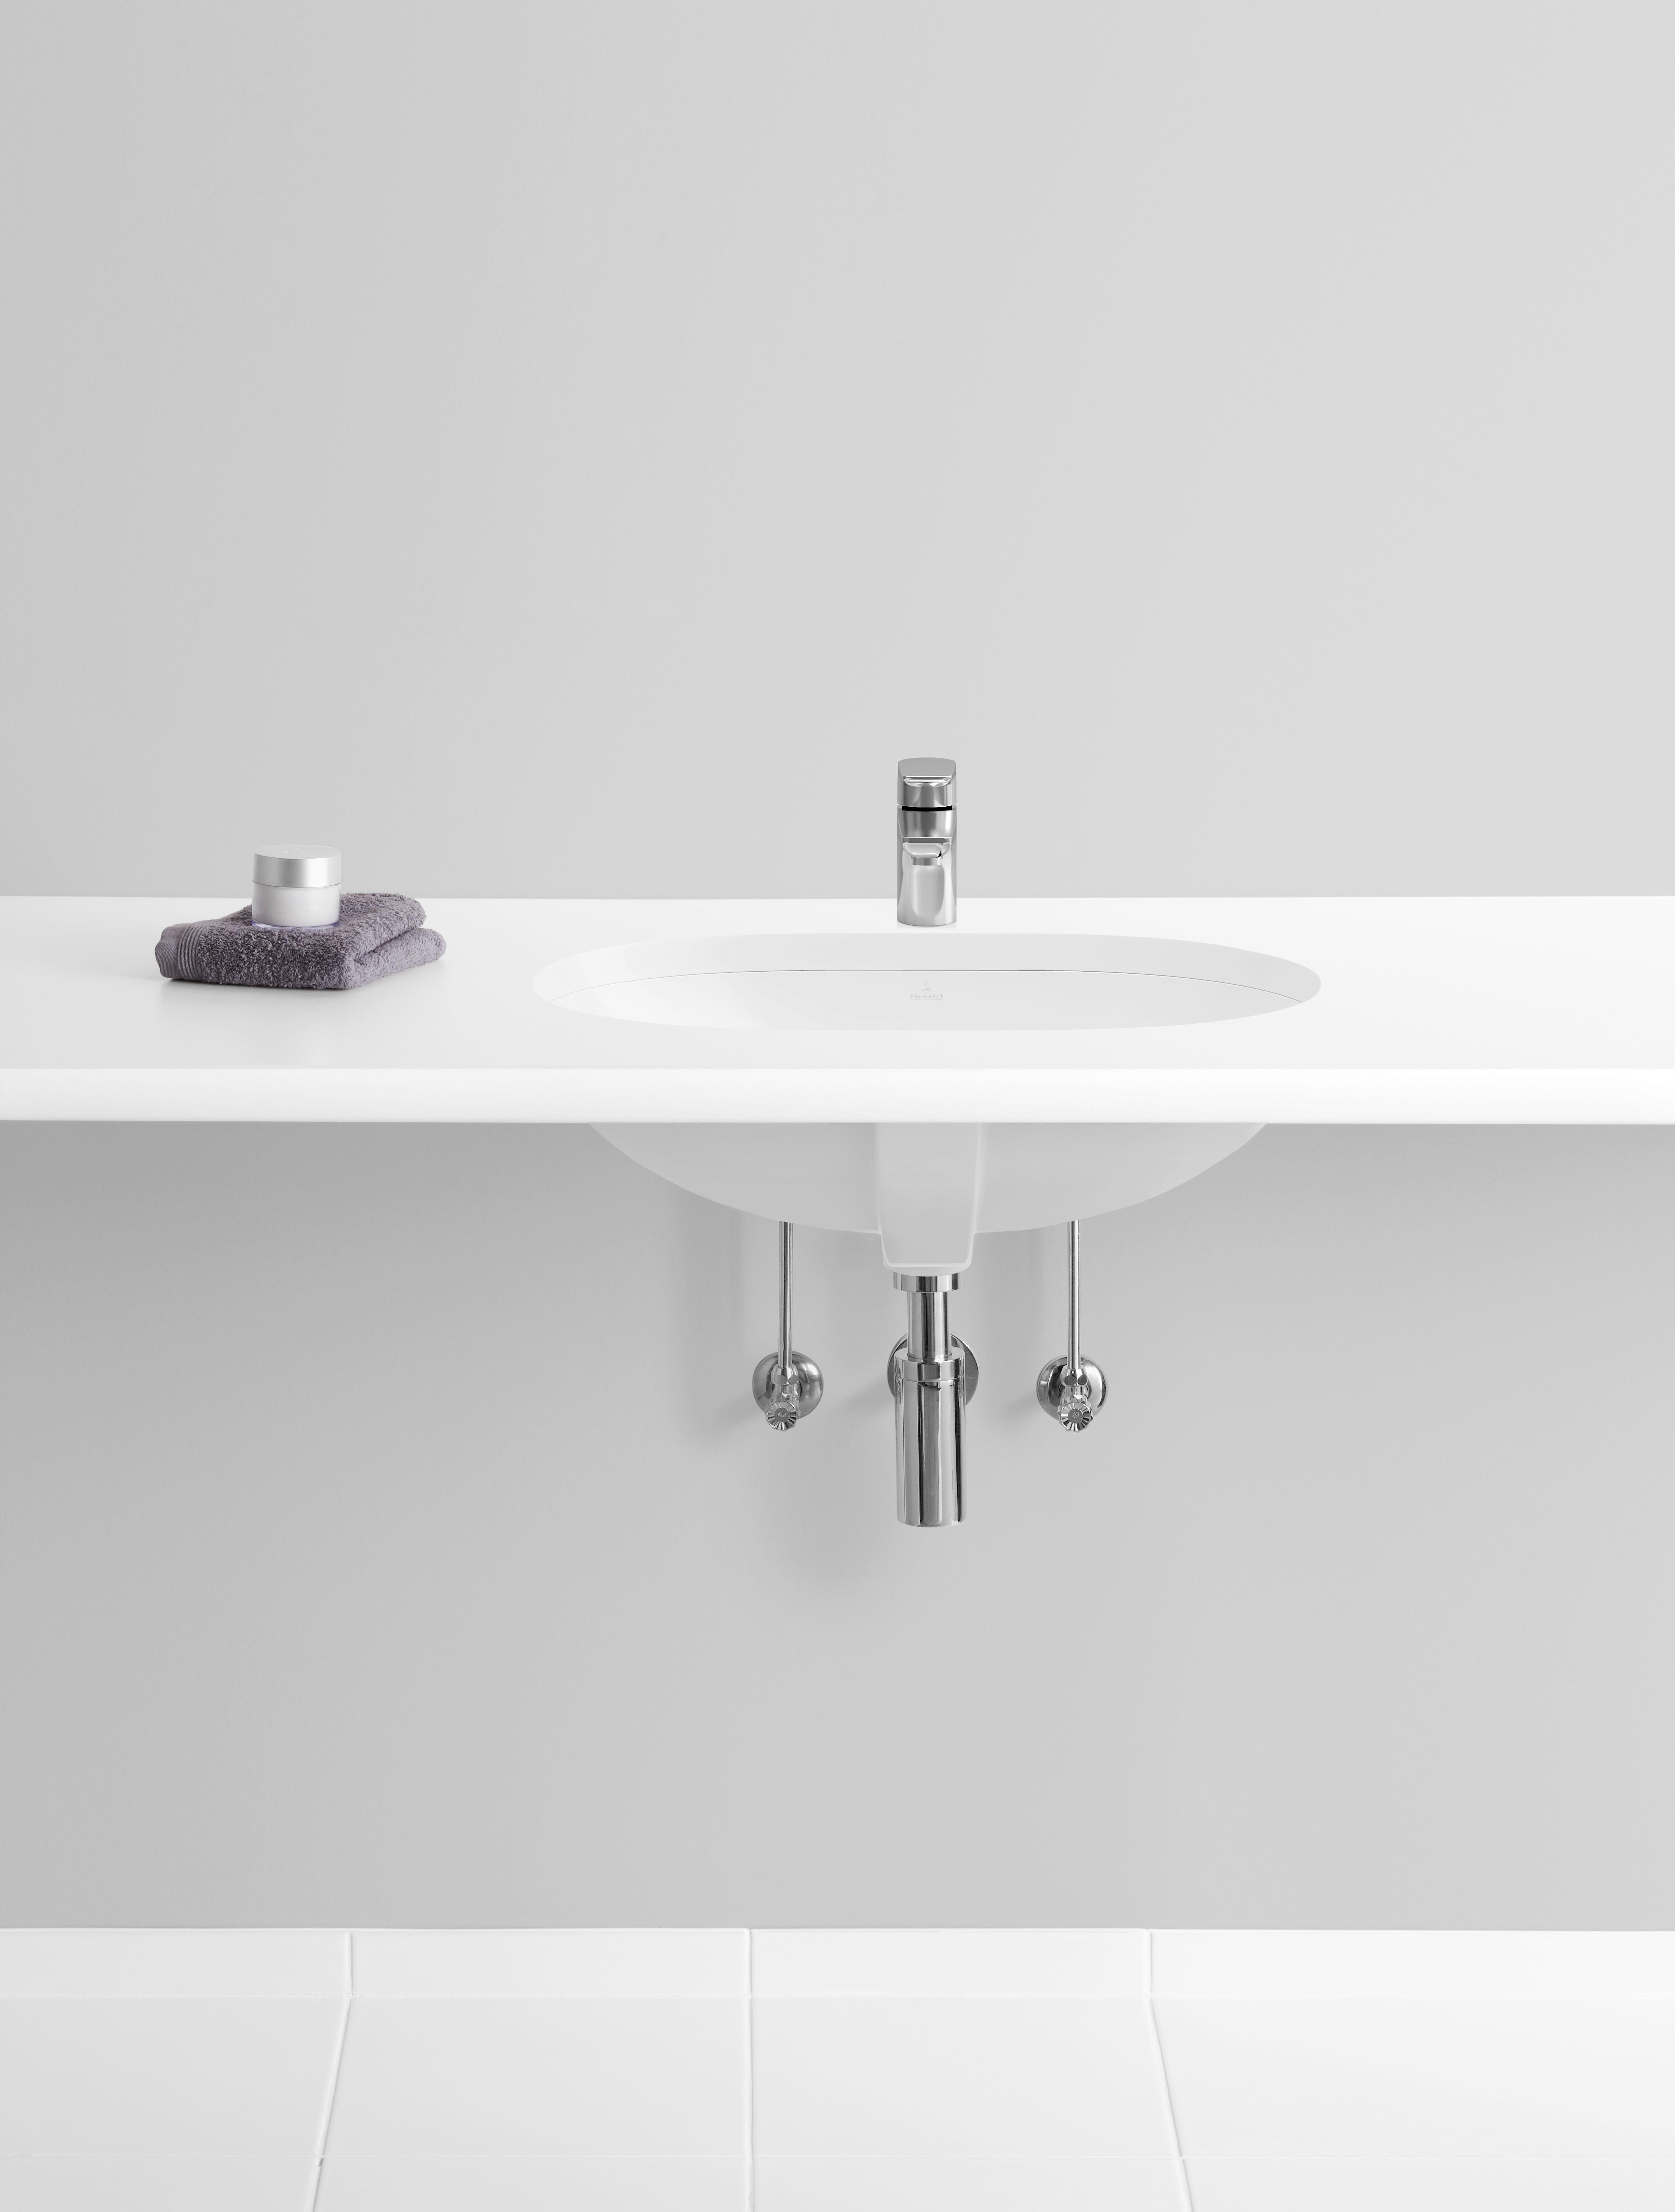 O.novo Washbasin, Undercounter washbasin, Washbasins, Undercounter washbasins